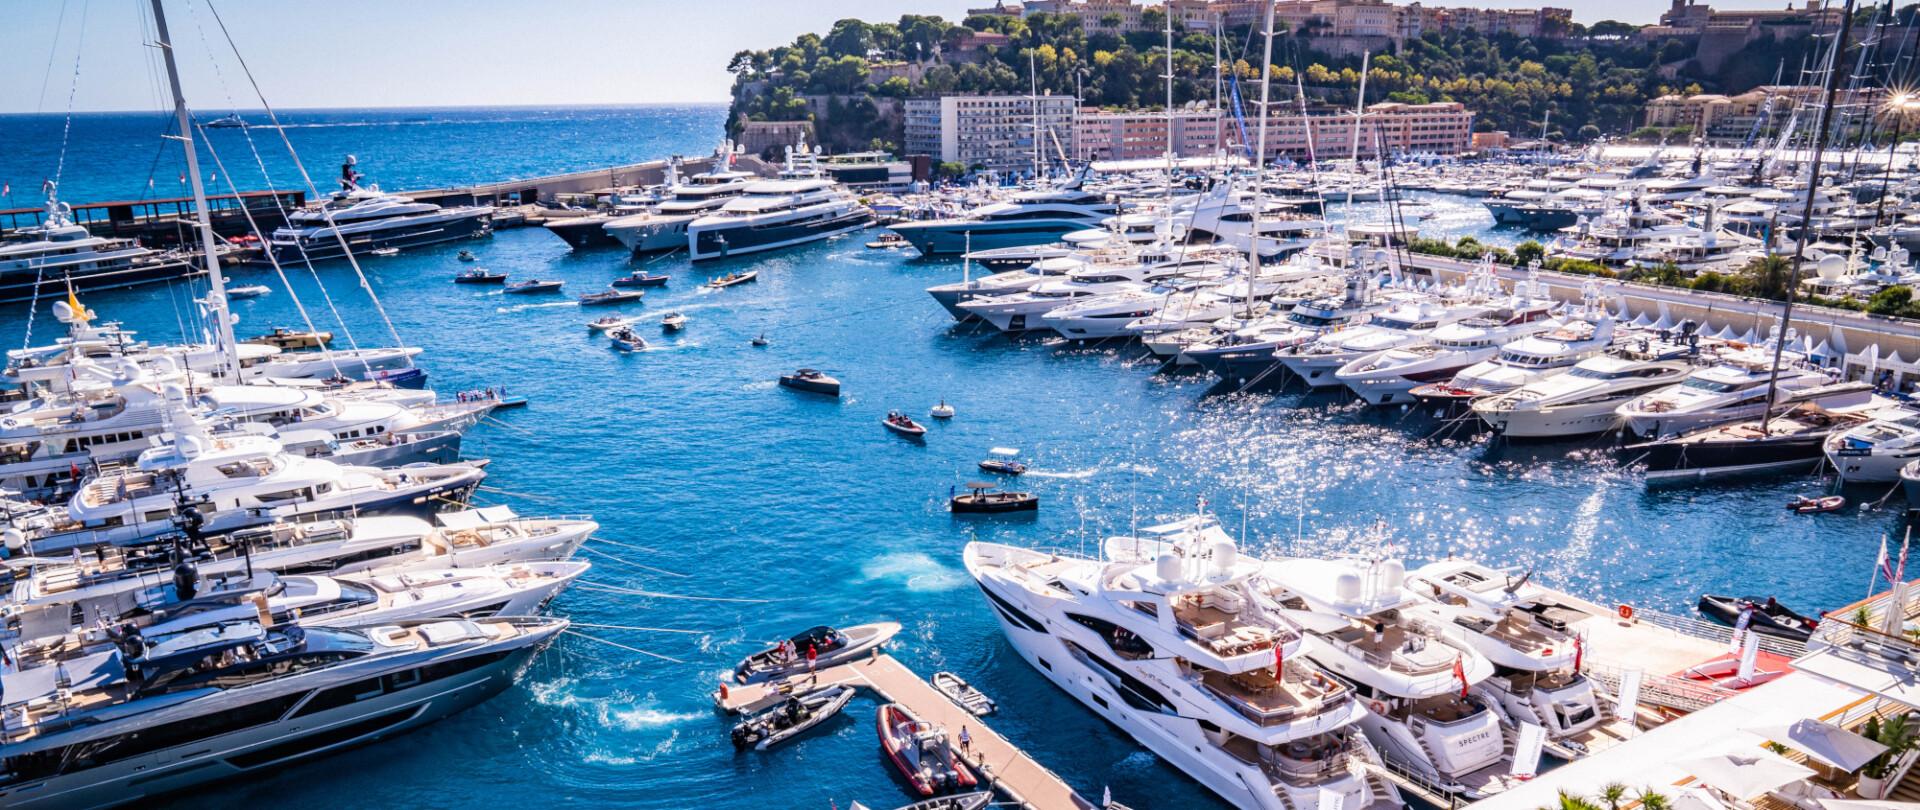 Monaco Yacht Show 2021 – the full line-up revealed photo 1